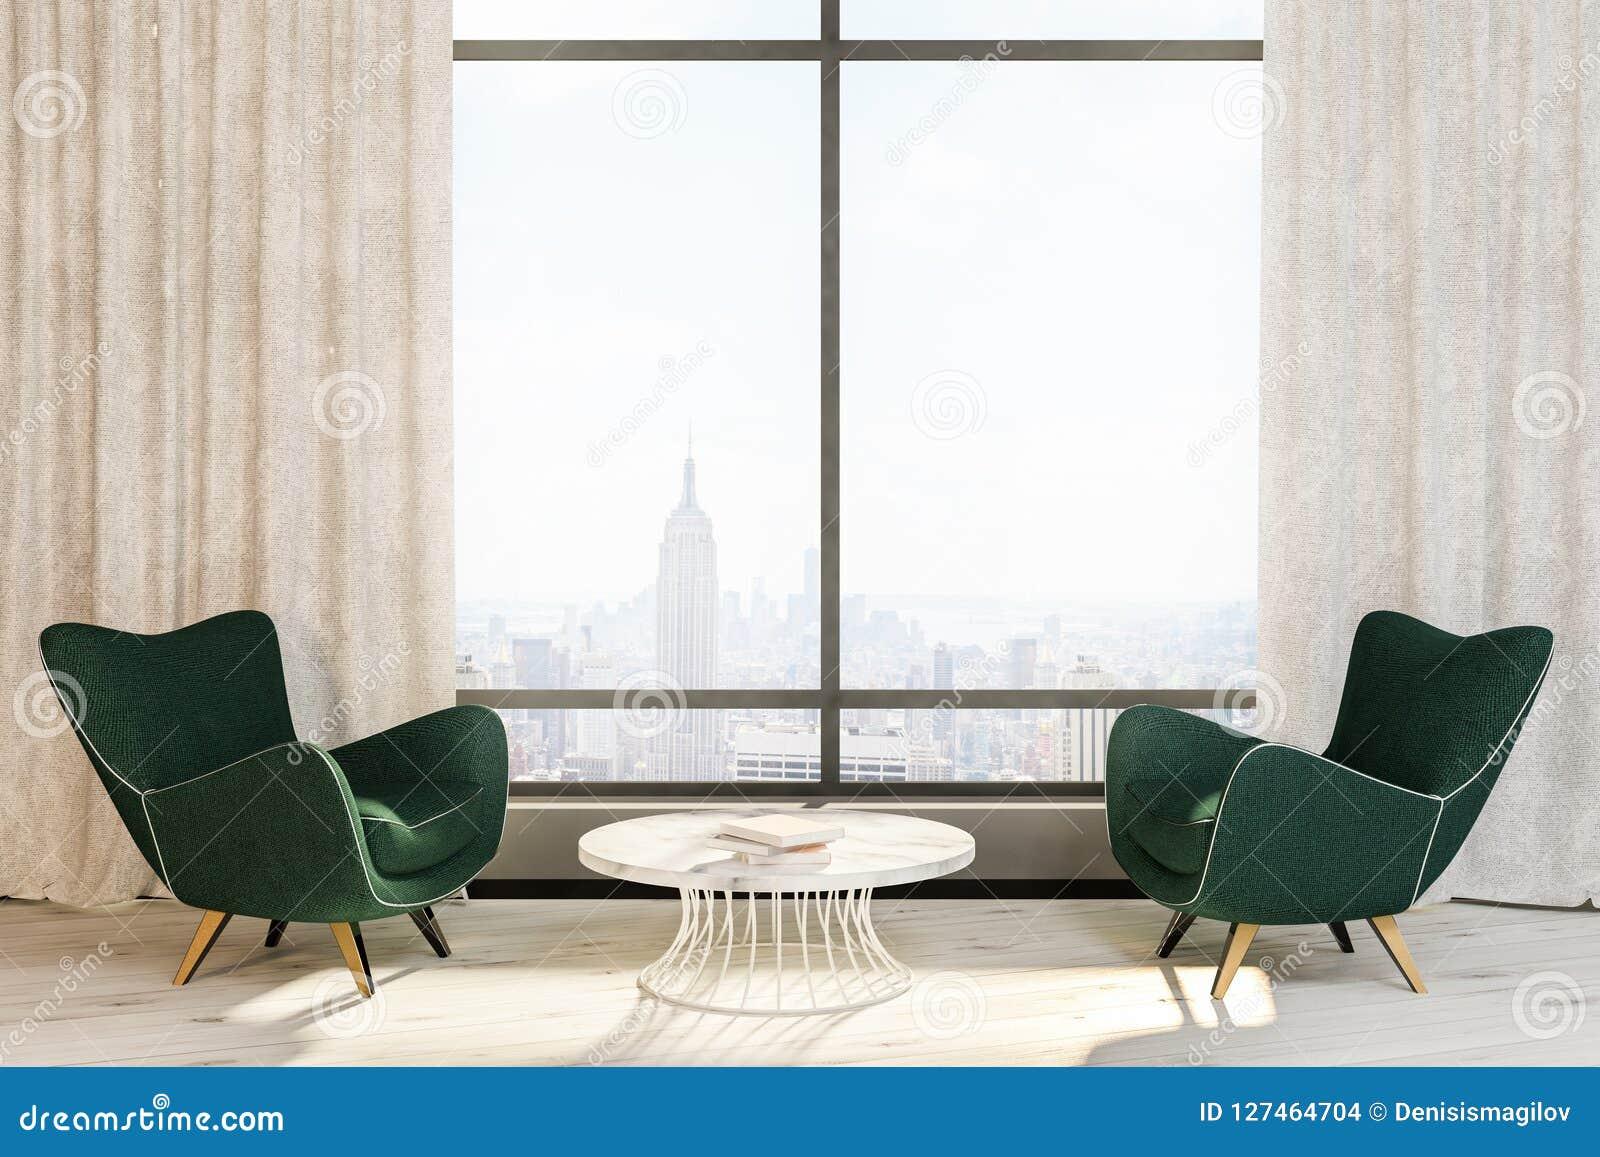 Tavolino Salotto Verde : Salone verde del tavolino da salotto delle poltrone finestra